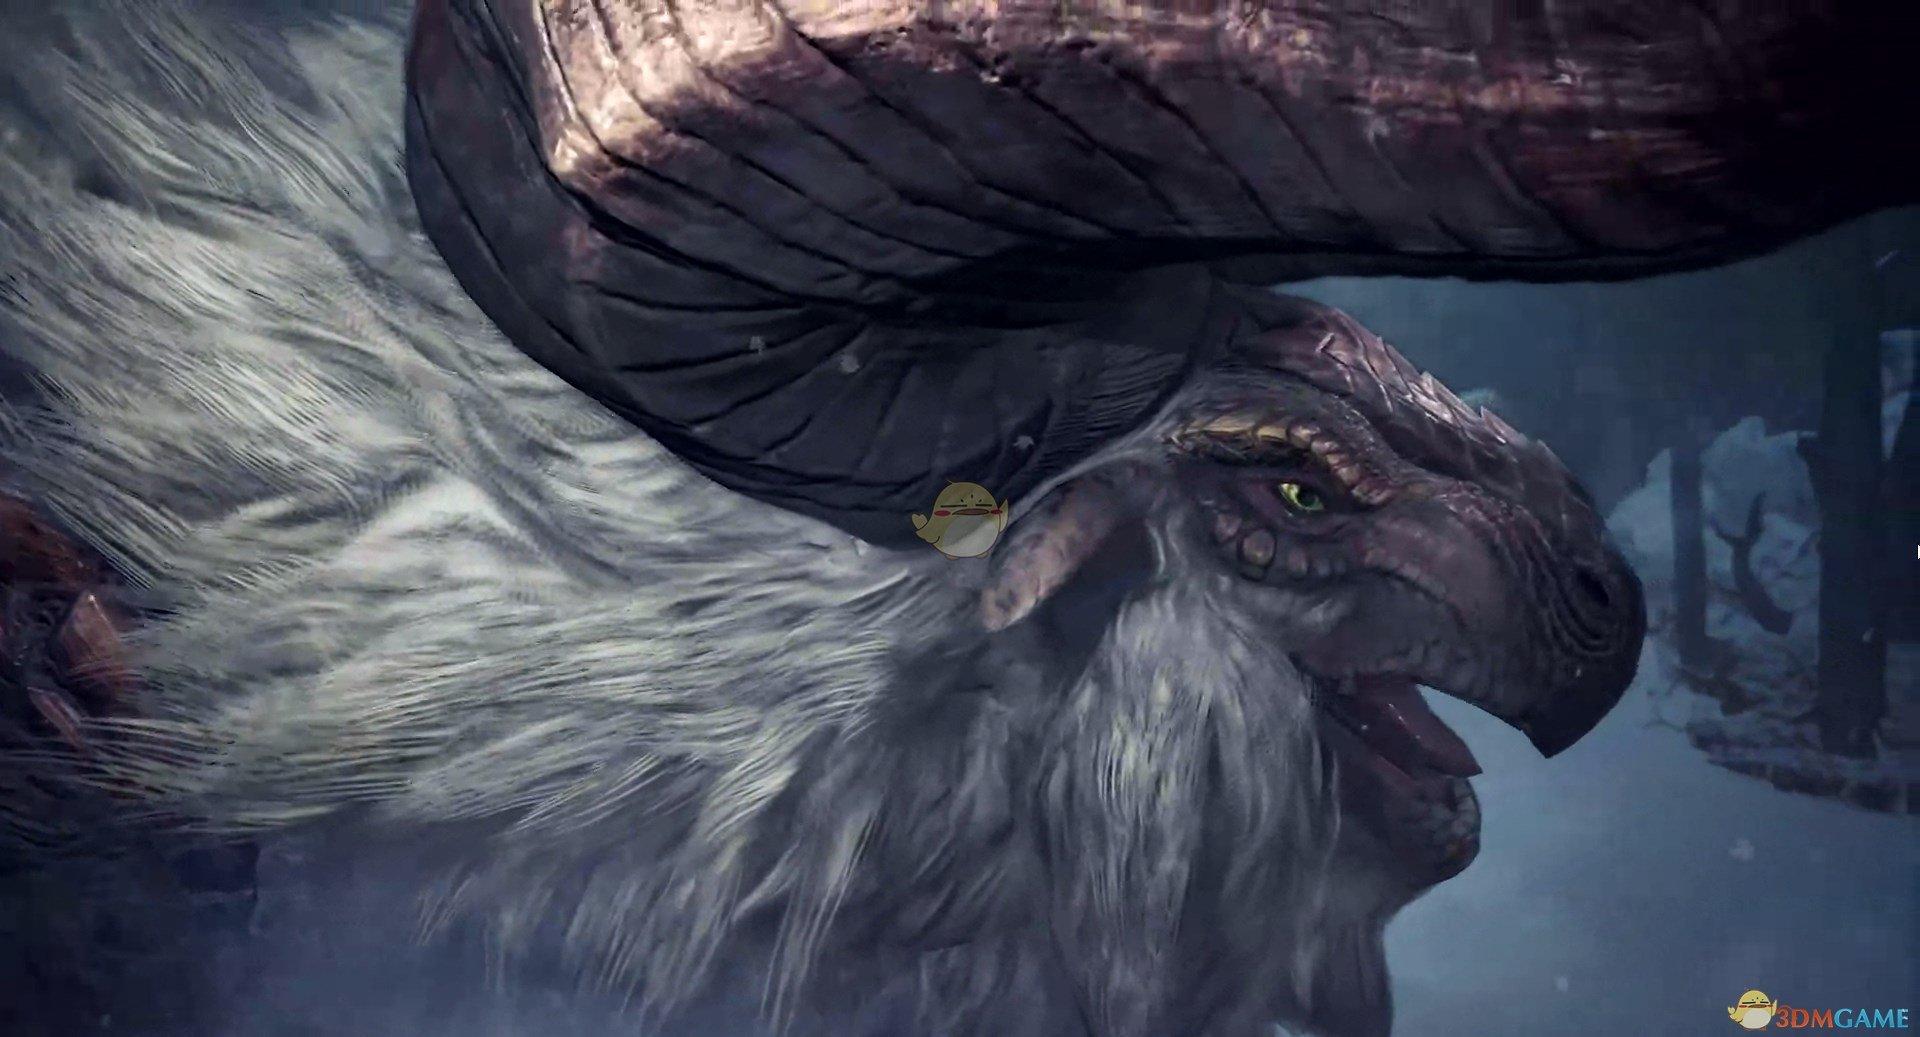 《怪物猎人:世界》冰原DLC大锤新增要素强化射击介绍